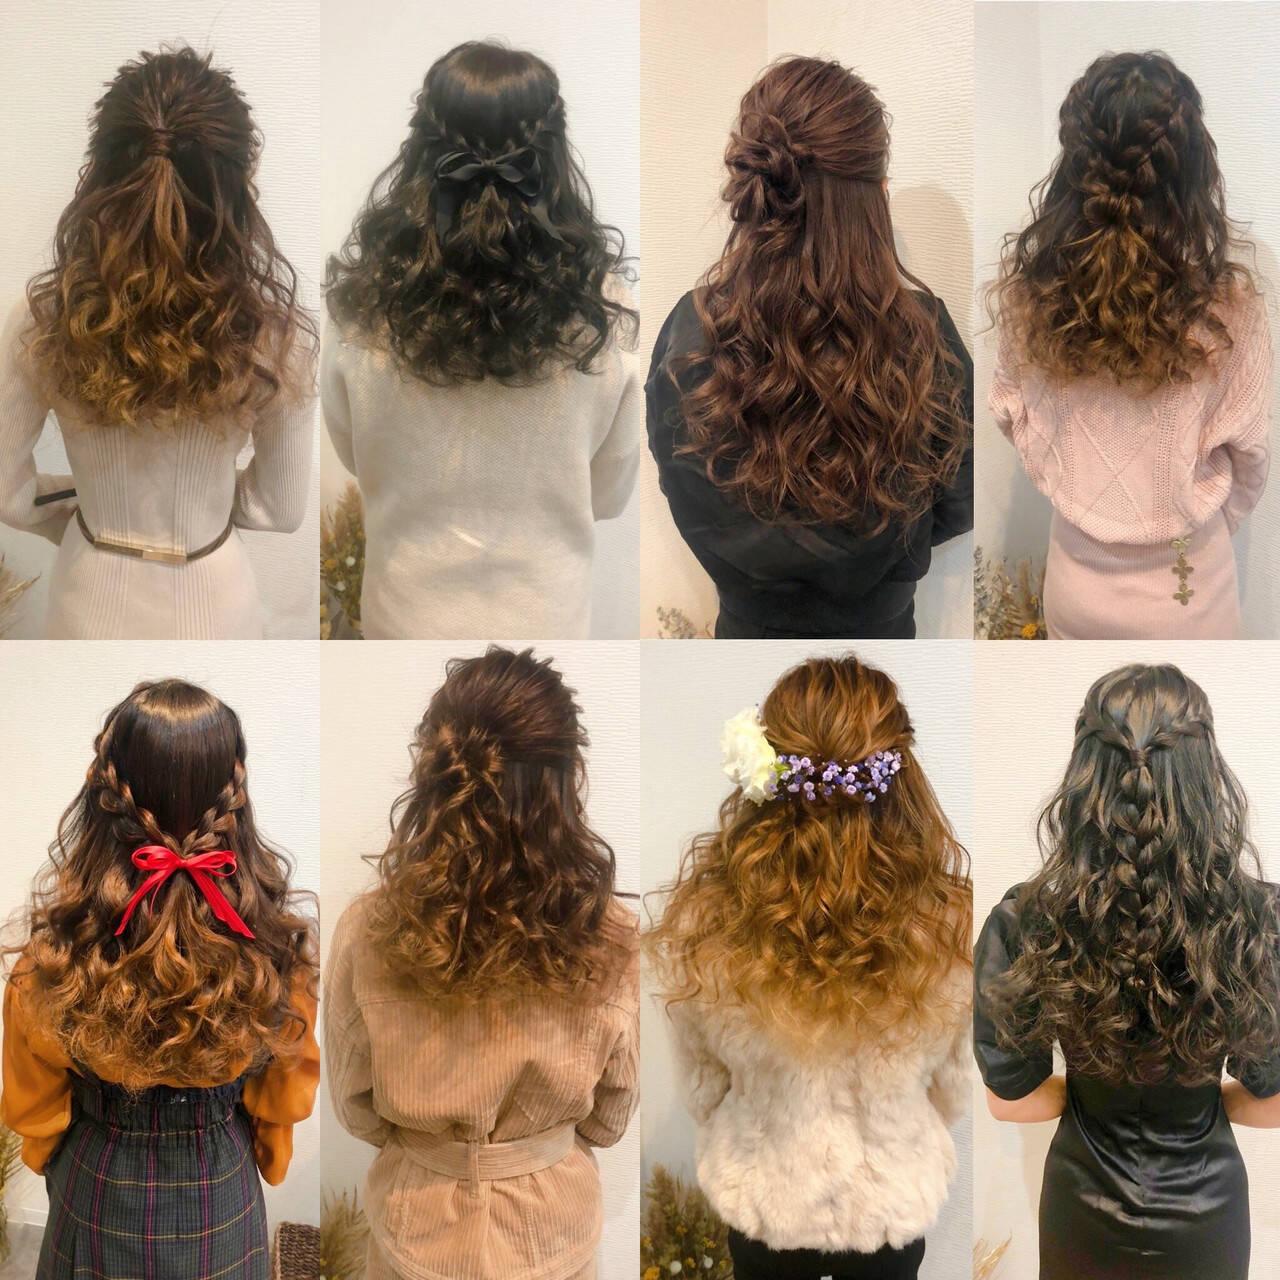 ハーフアップ 編み込み ヘアアレンジ フェミニンヘアスタイルや髪型の写真・画像